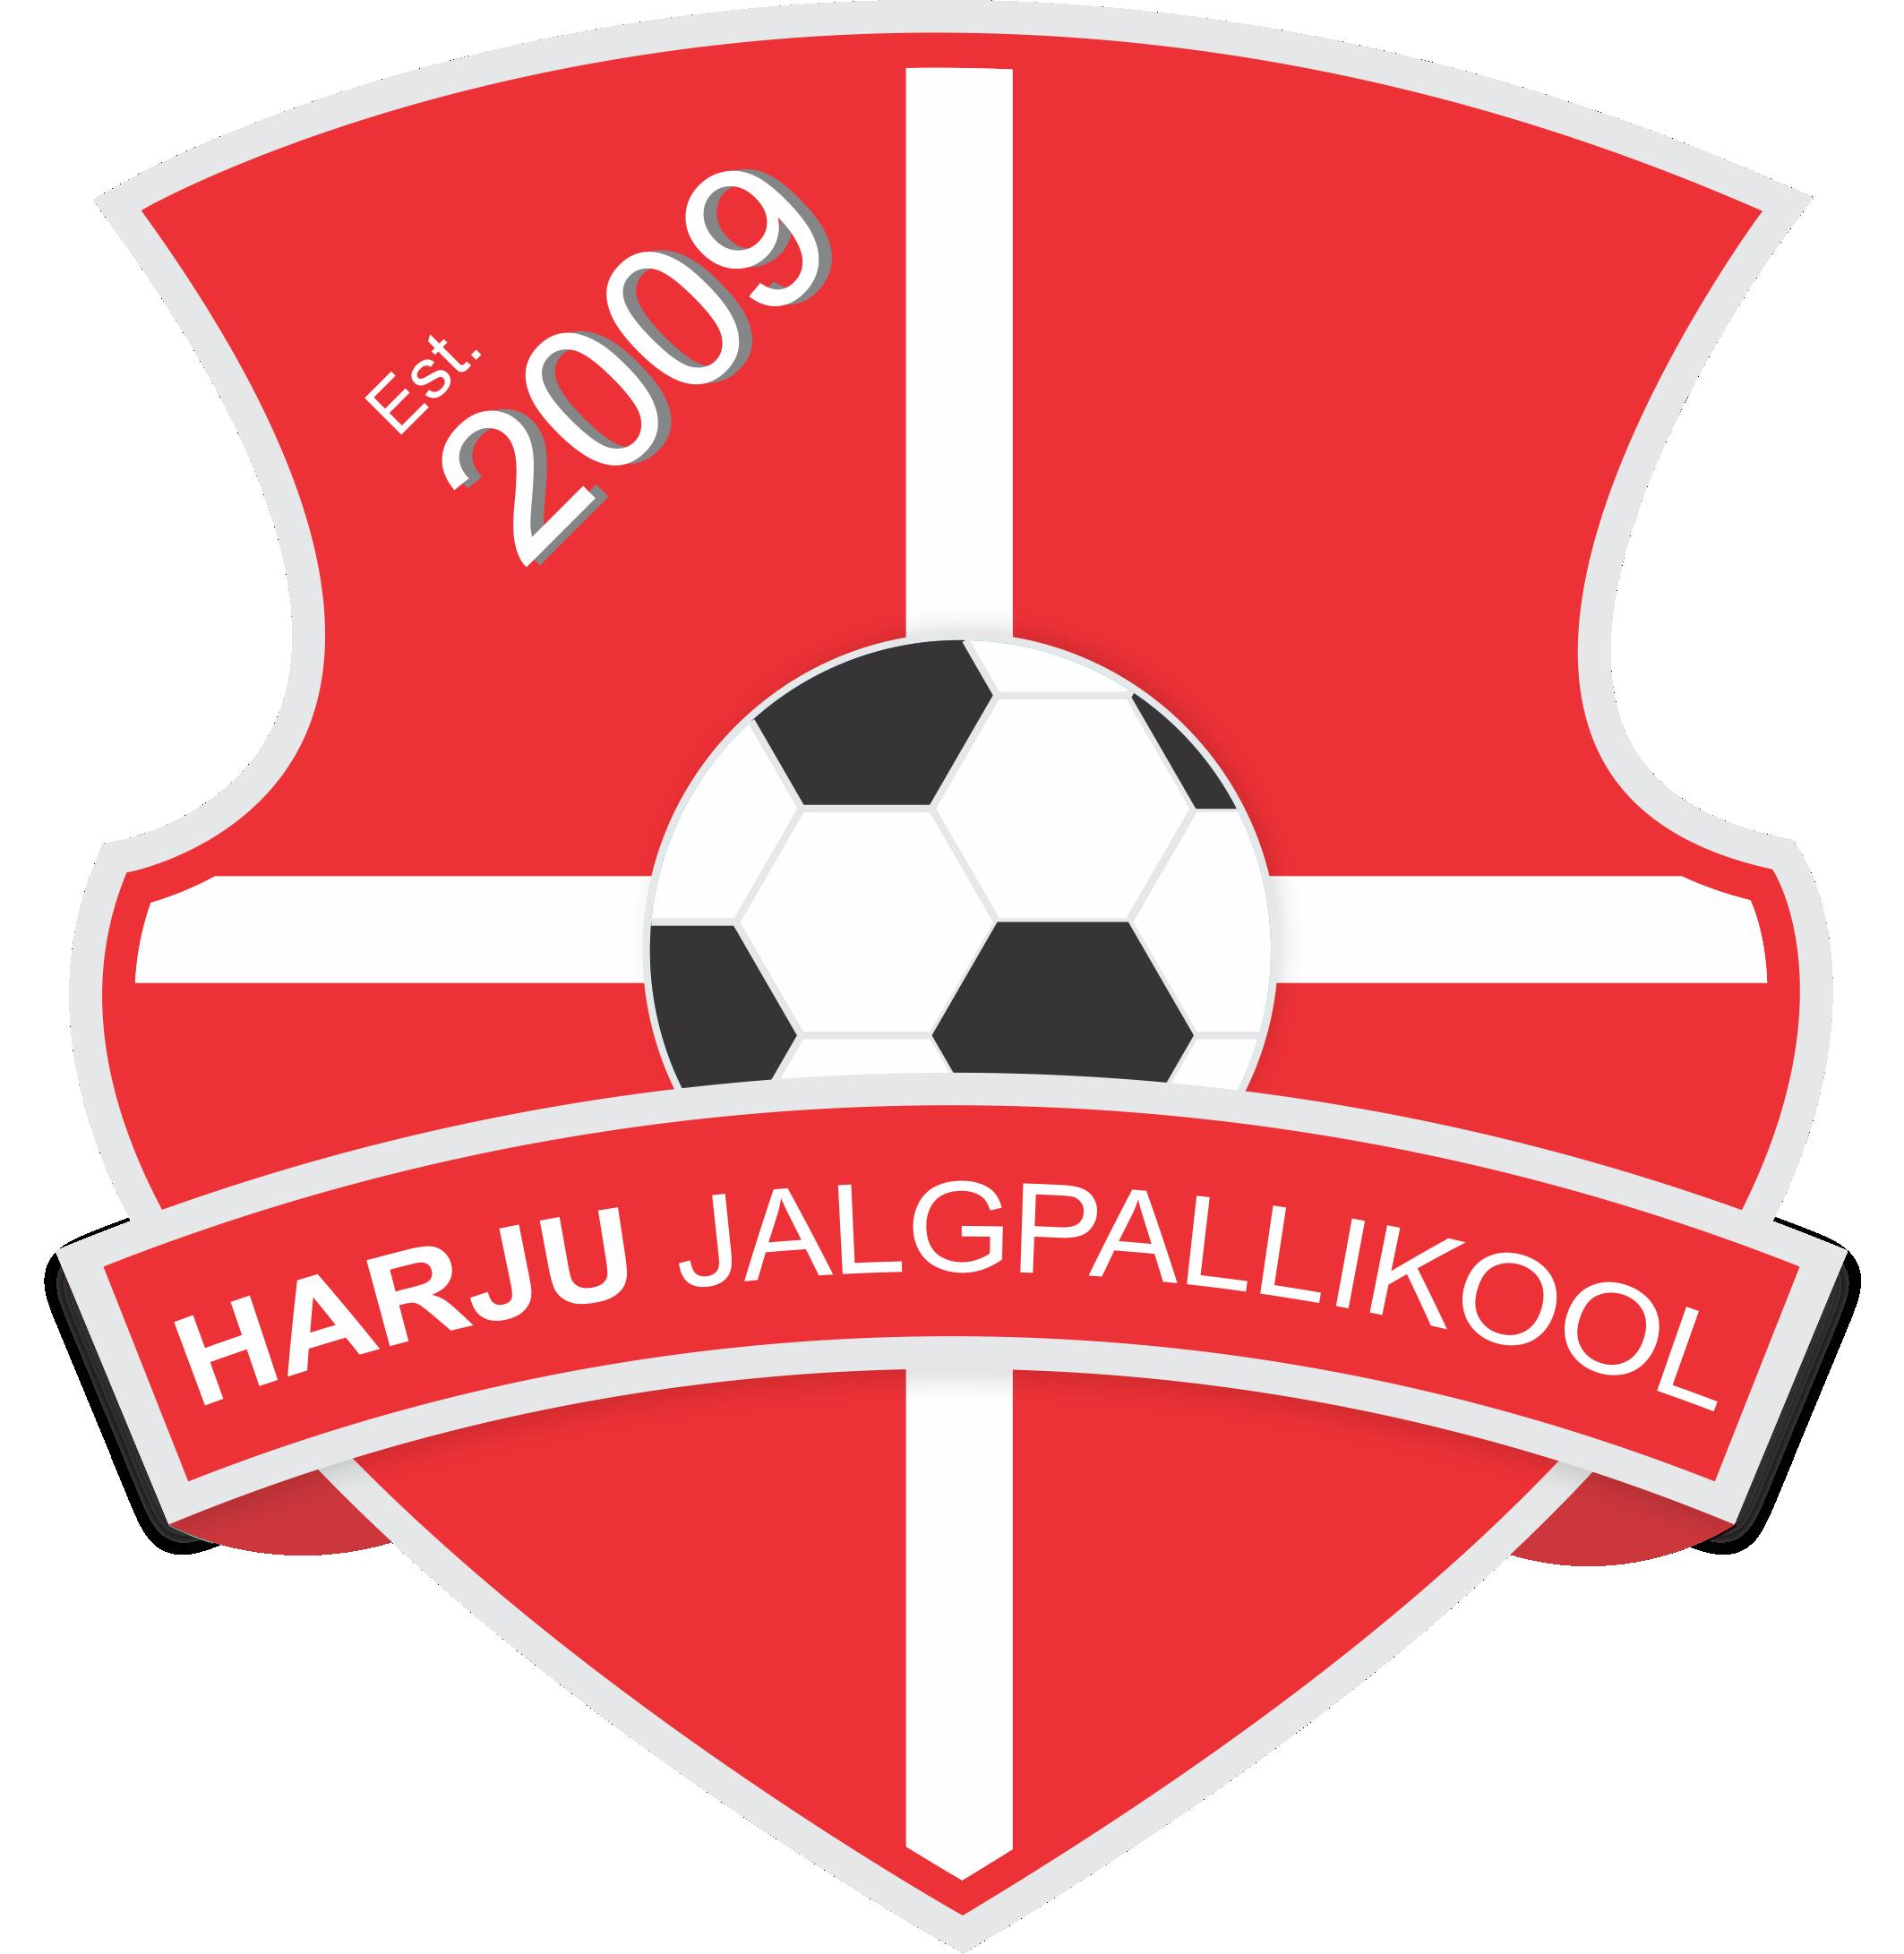 Harju Jalgpallikool logo